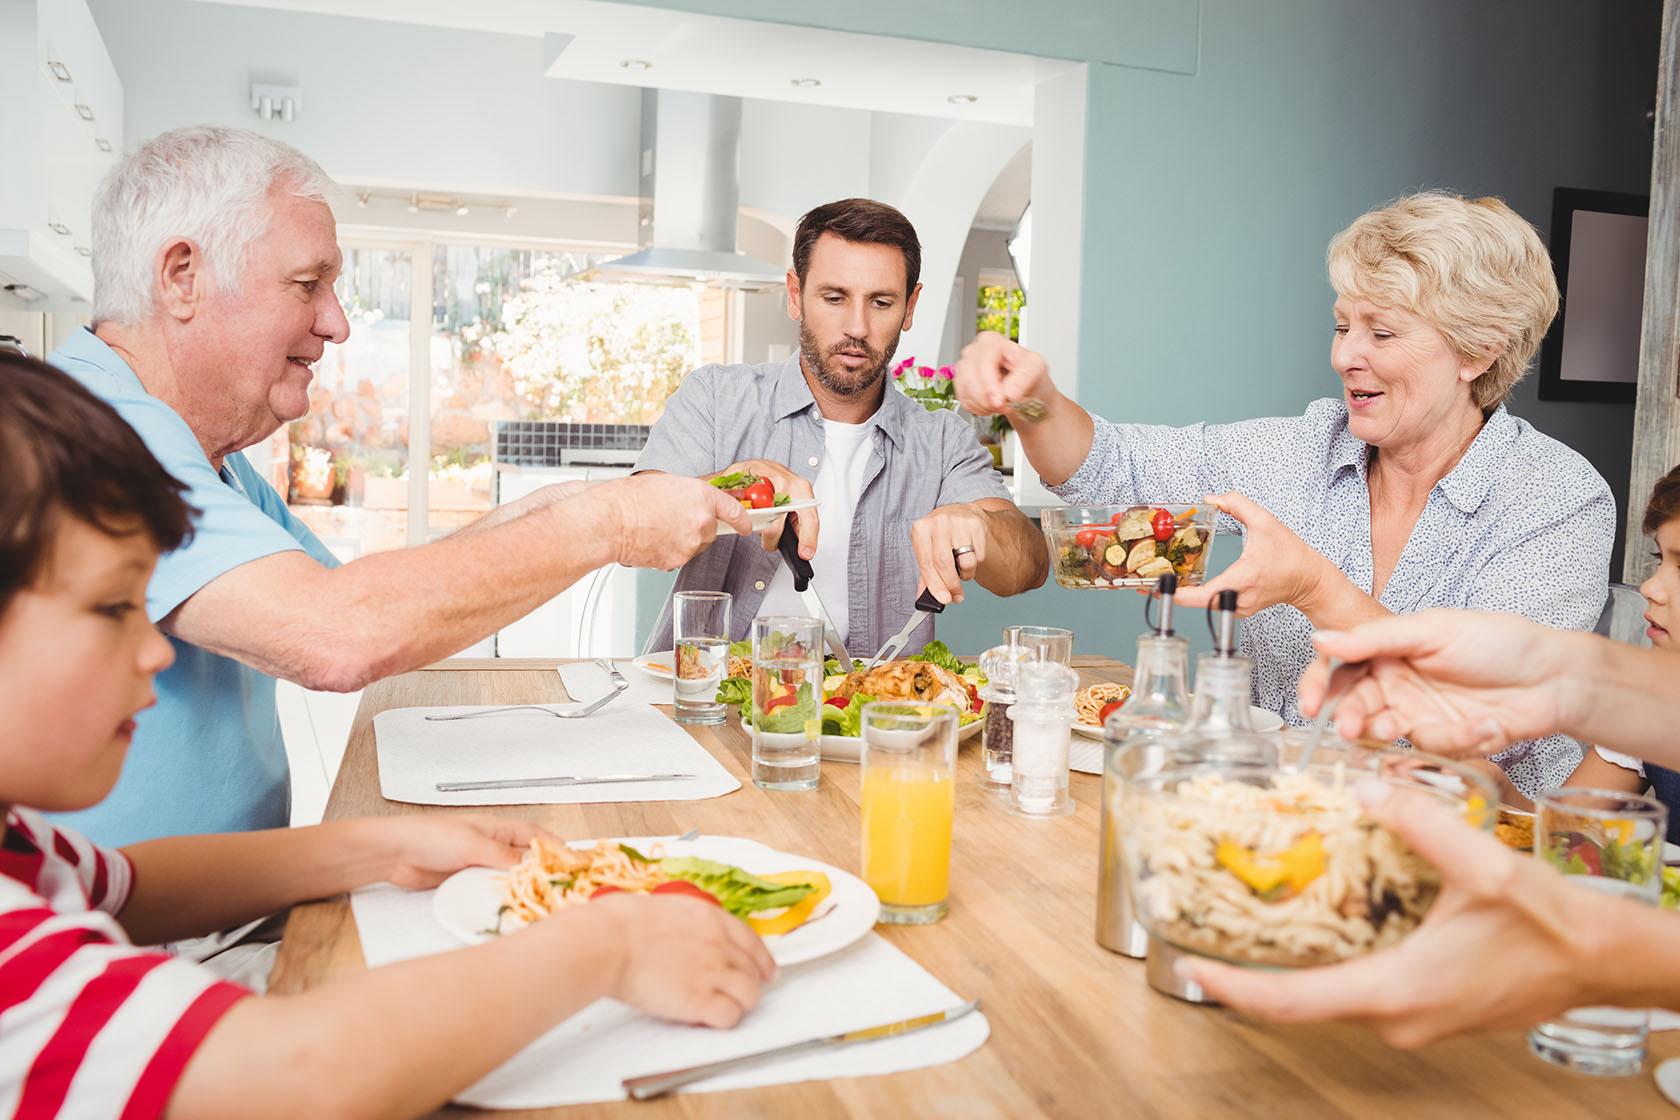 kochen-moderne-kueche-leicht